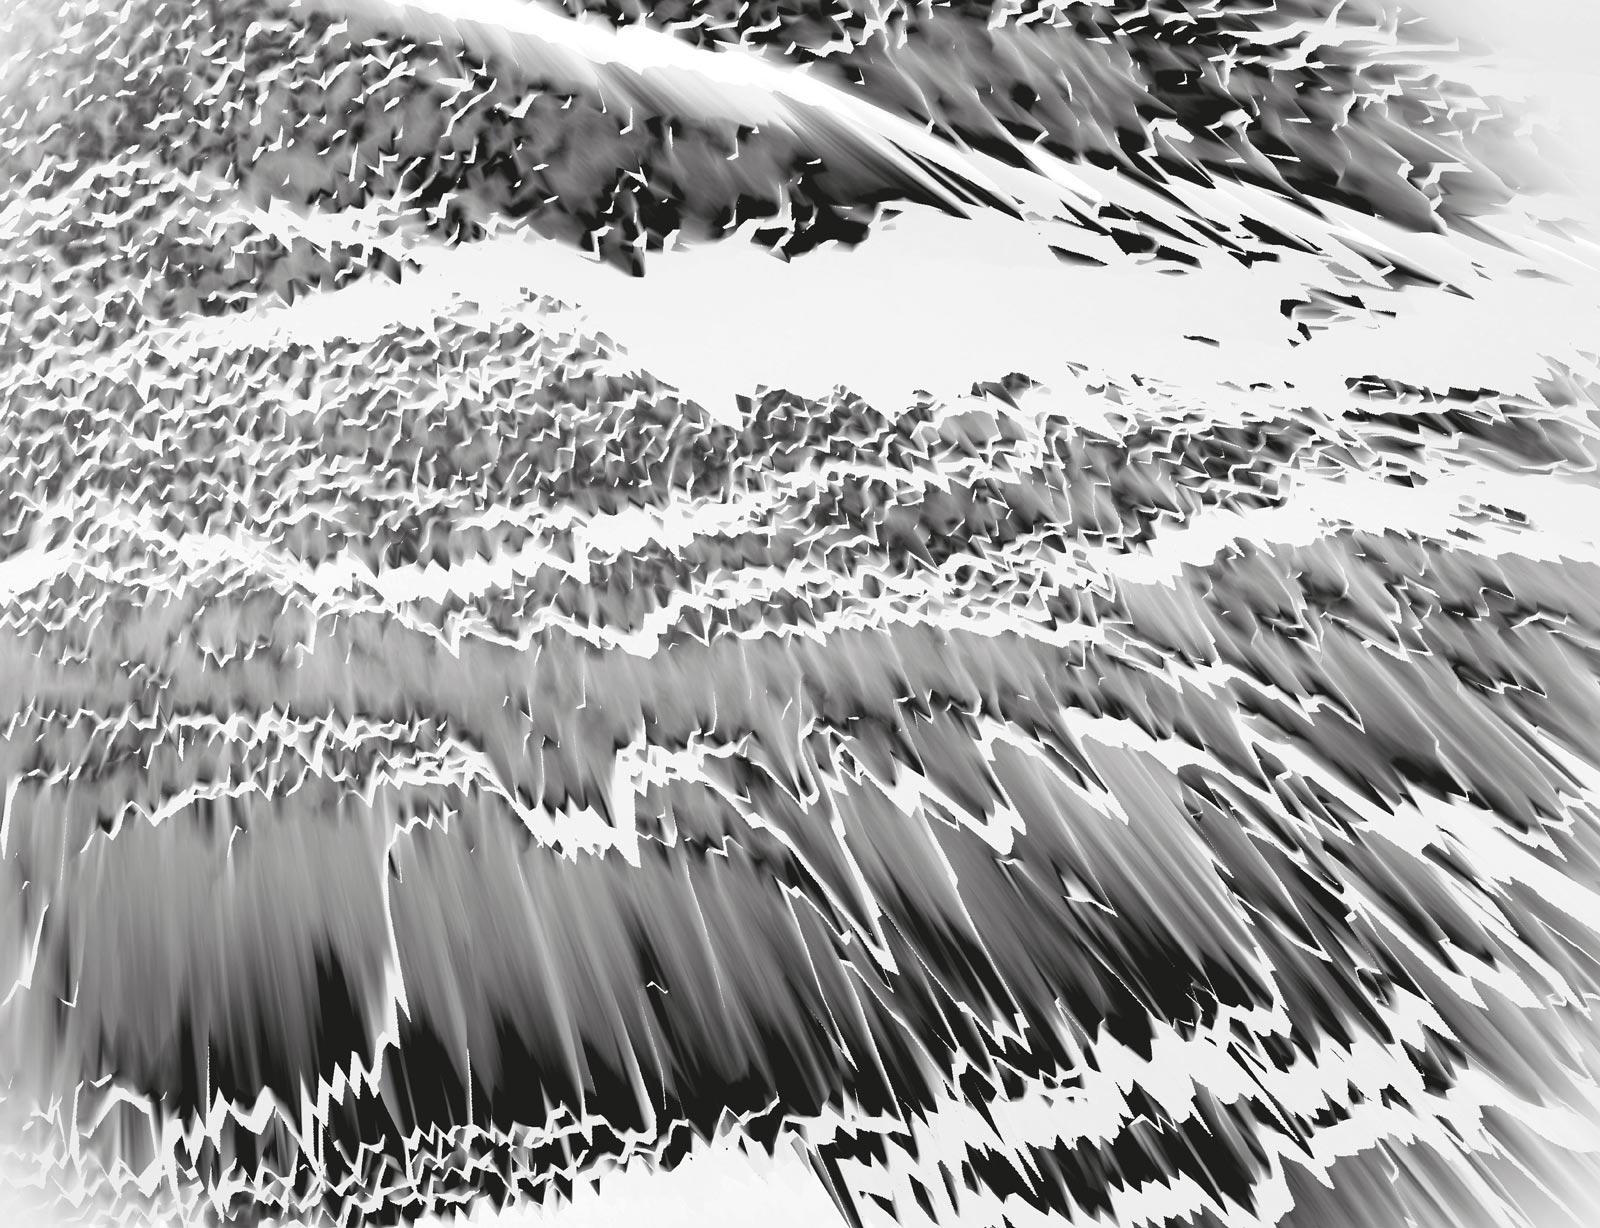 Paysage numérique, mise en relief d'une pensé philosophique